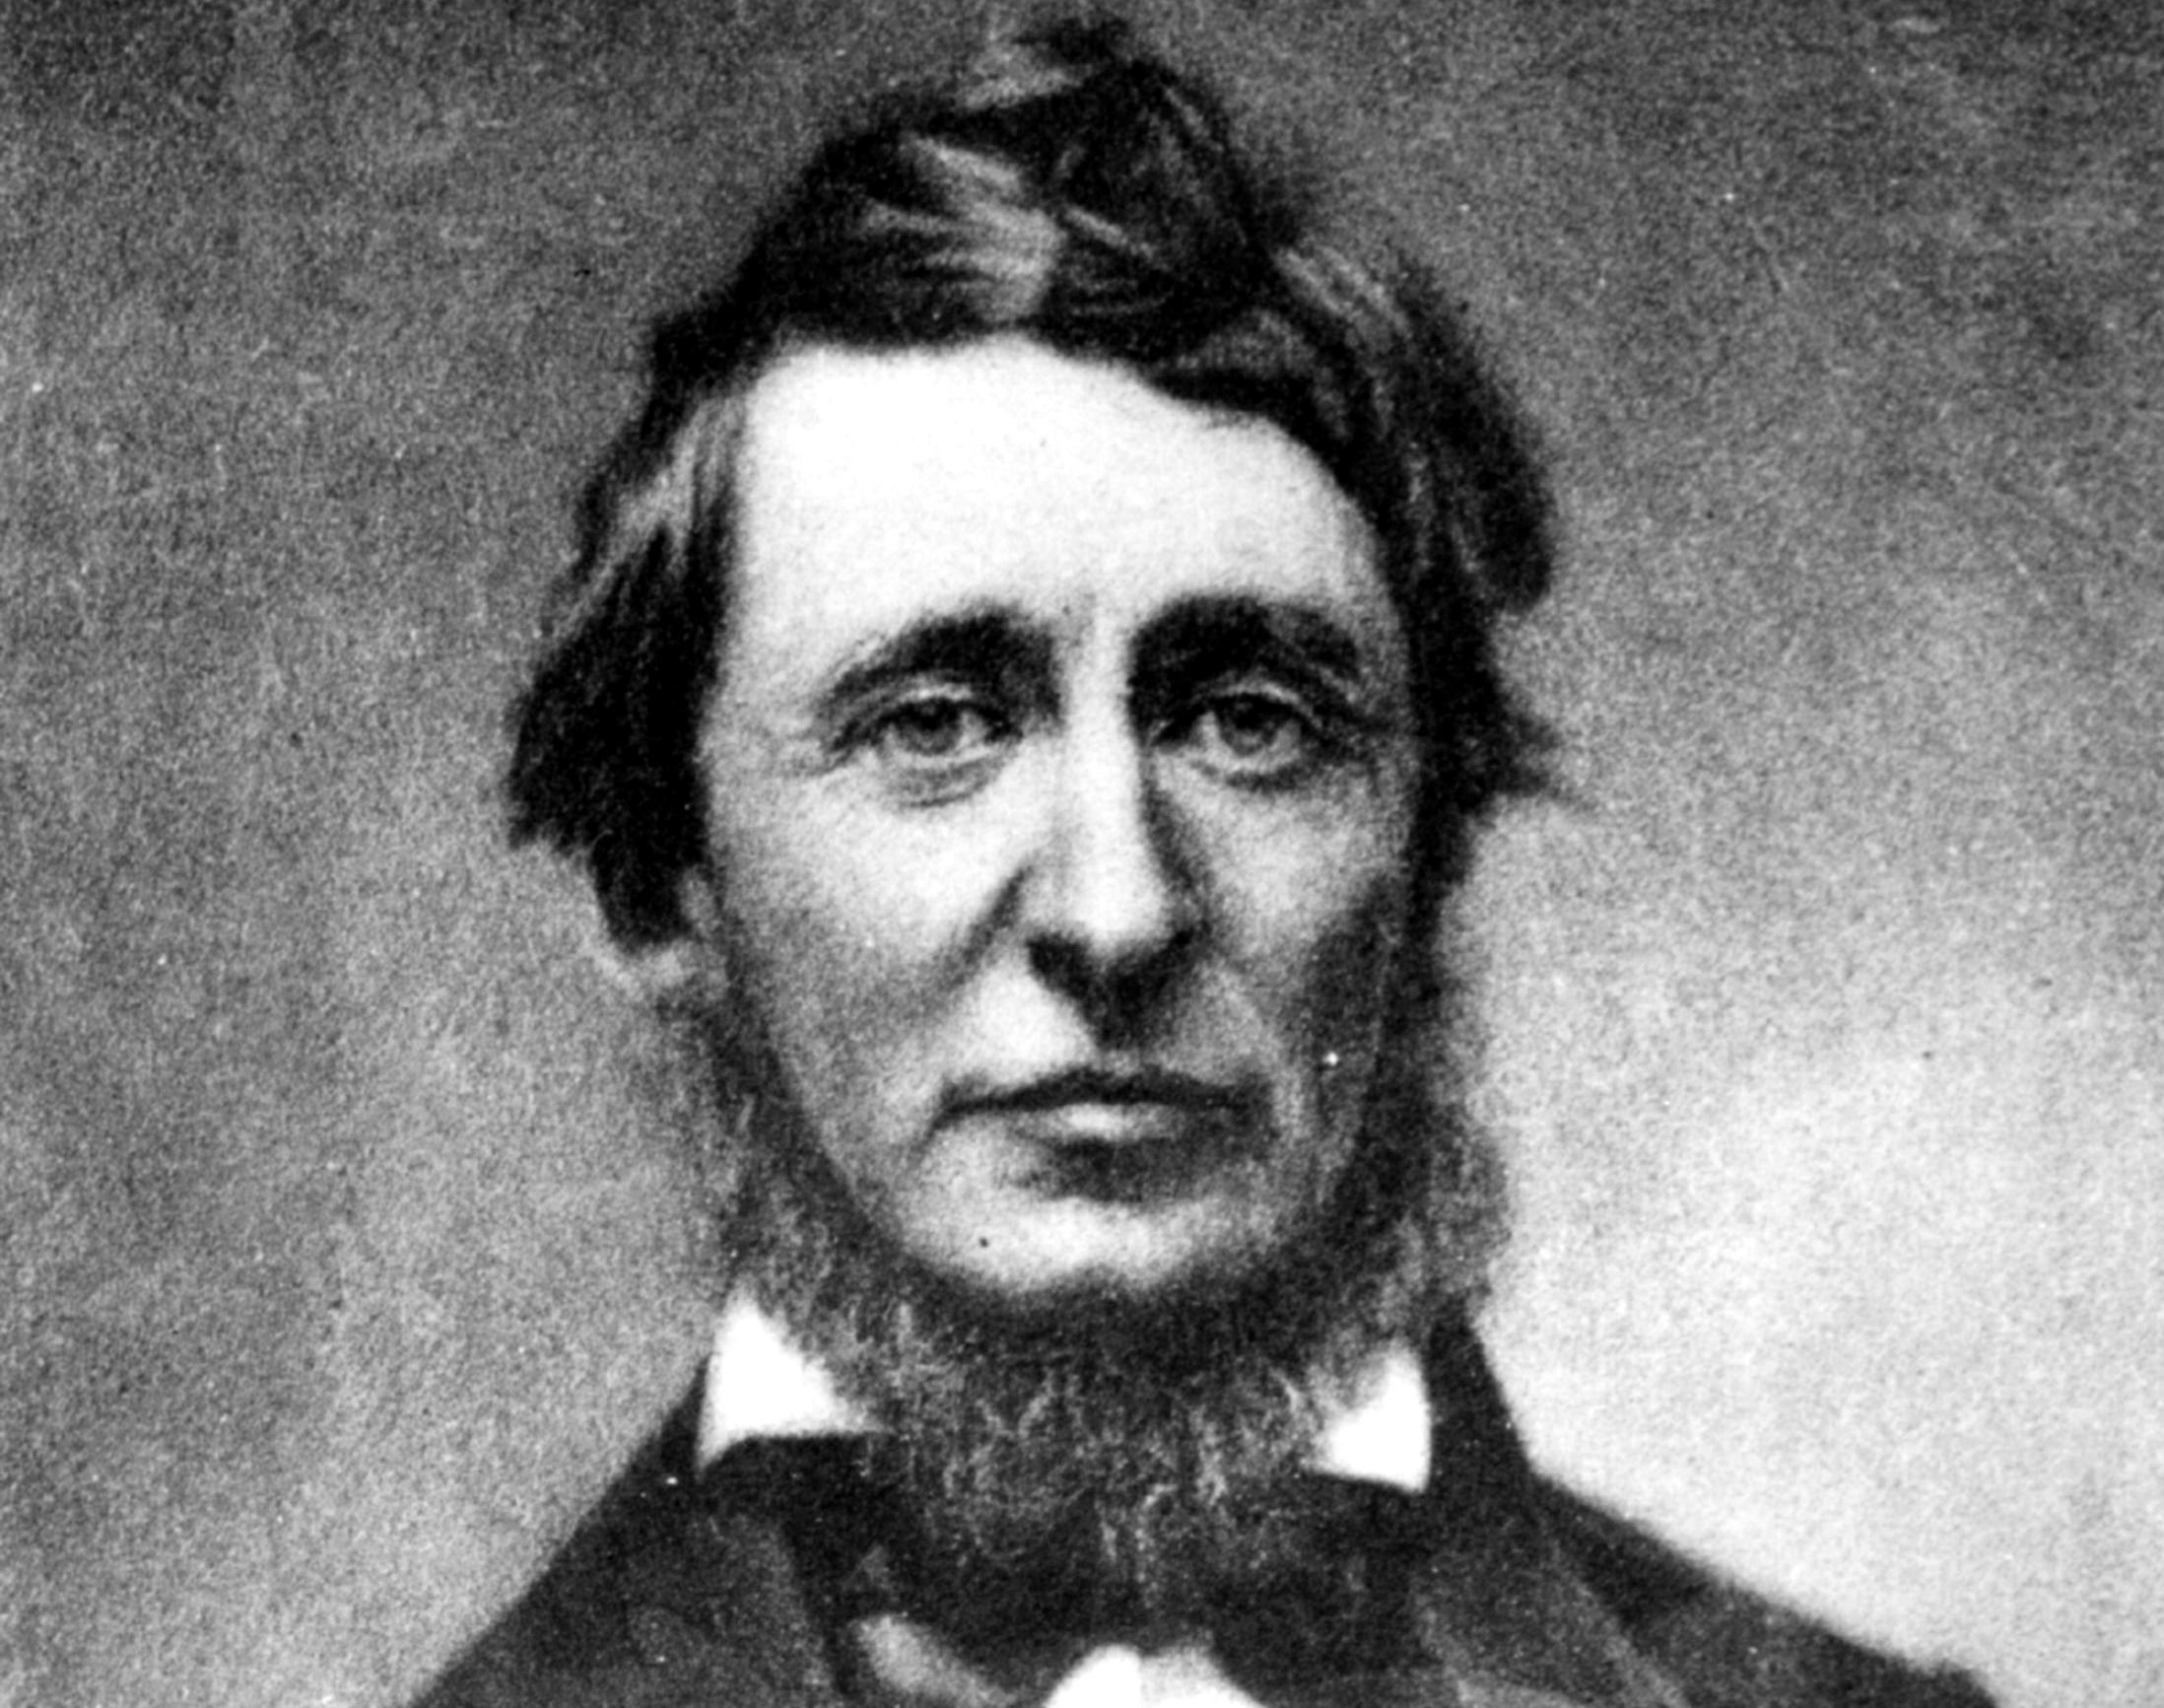 Las situaciones (VI): Sobre el deber de la desobediencia civil de Henry David Thoreau